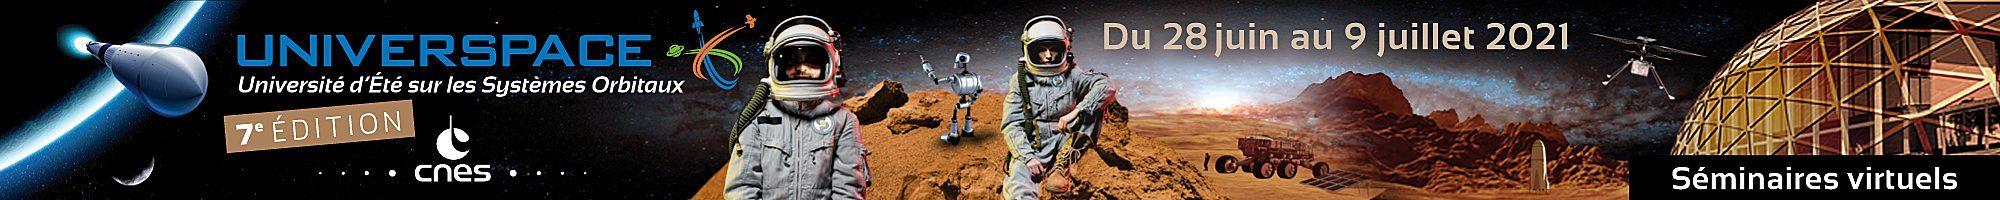 UNIVERSPACE – Université d'été sur les SYSTEMES ORBITAUX